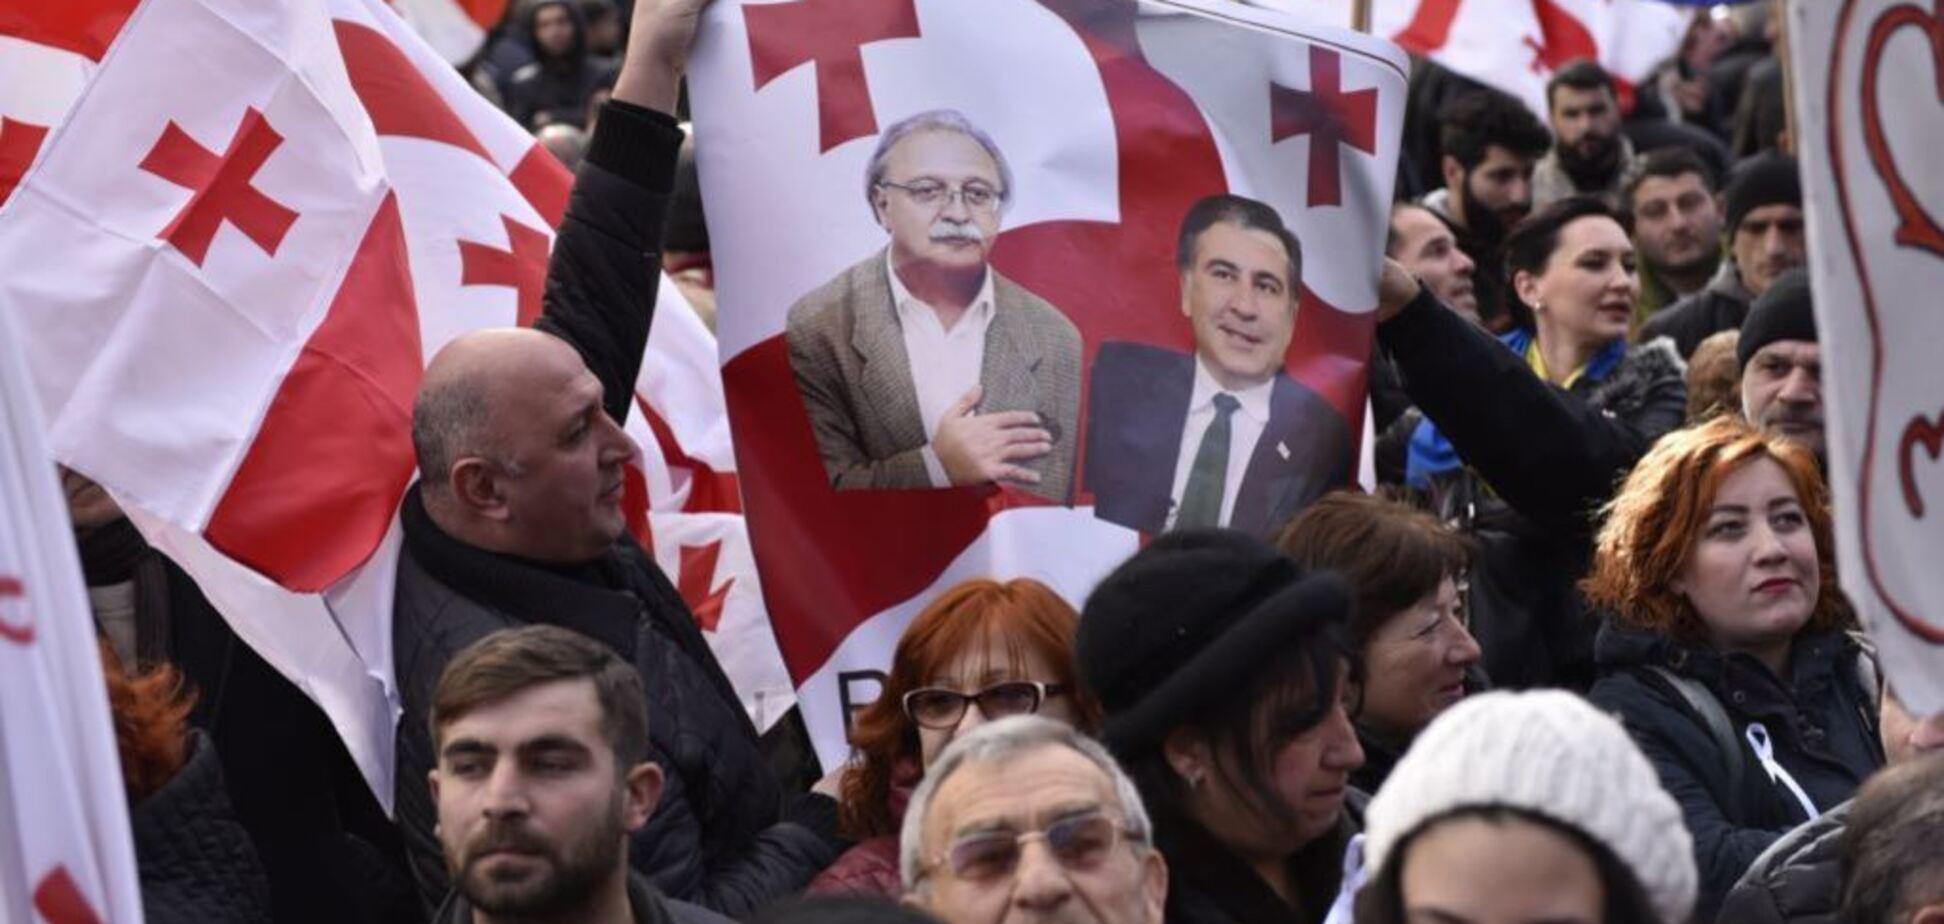 Похищение и разбои: что известно о задержанных в Грузии людях Семенченко и как замешан Саакашвили